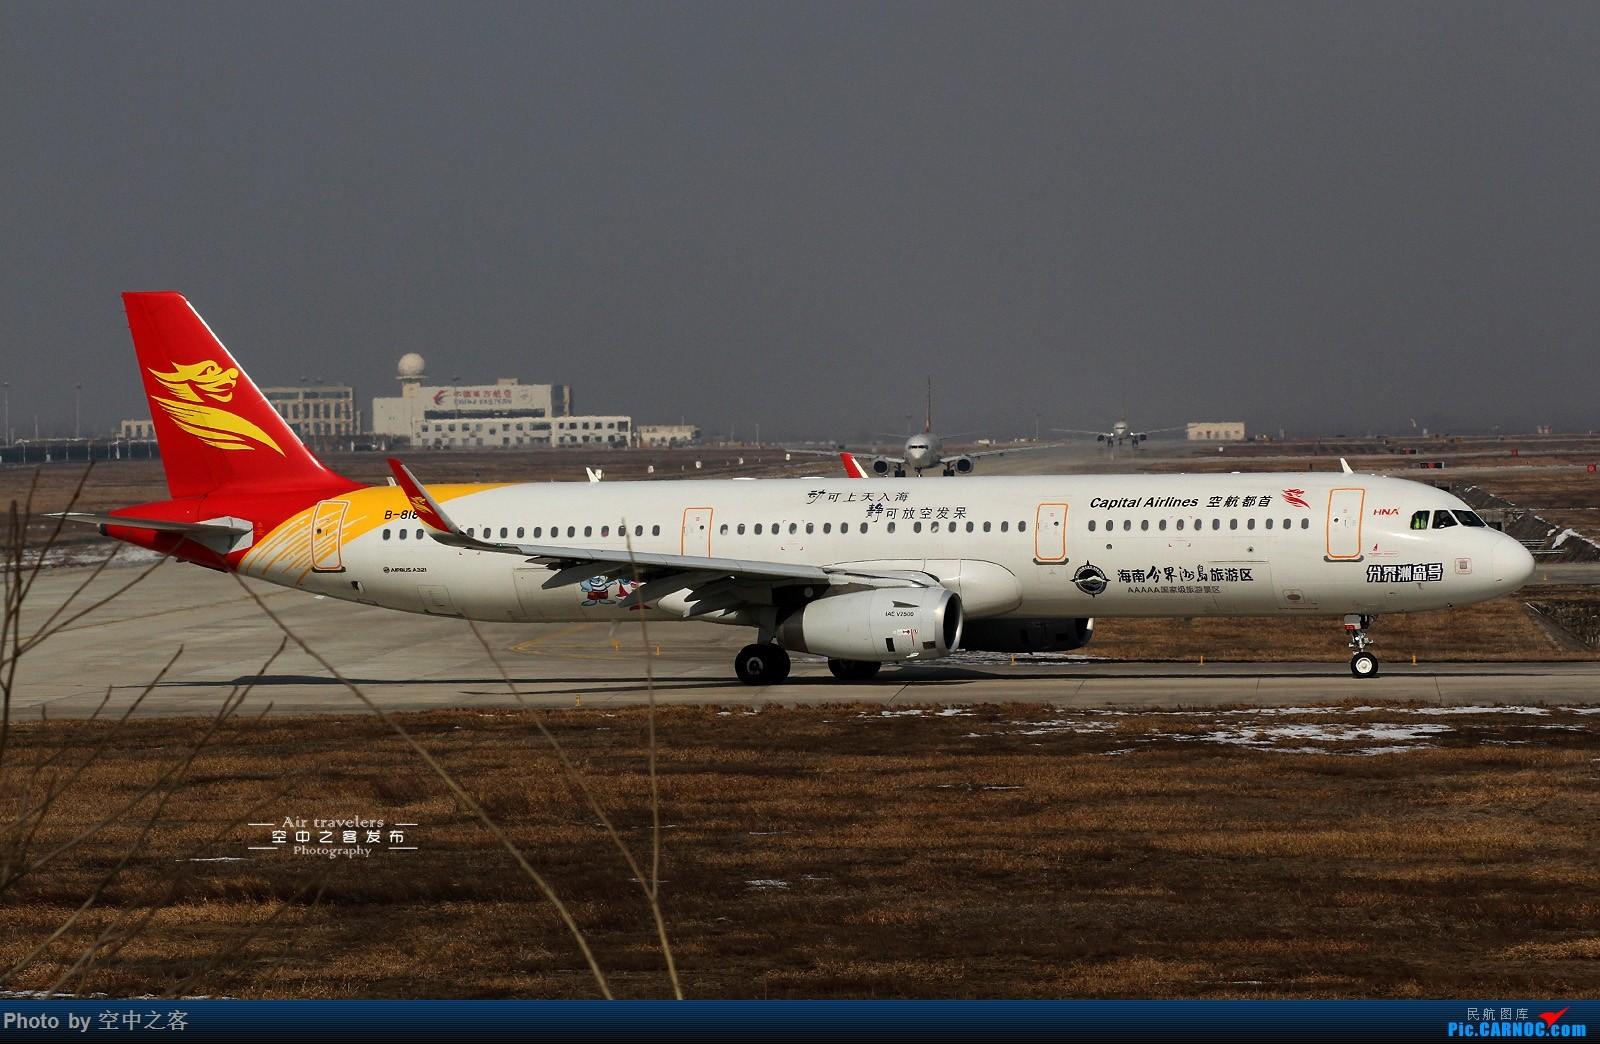 Re:[原创][合肥飞友会-霸都打机队 空中之客发布]2018立春·首次拍机活动 AIRBUS A321-200 B-8188 合肥新桥国际机场